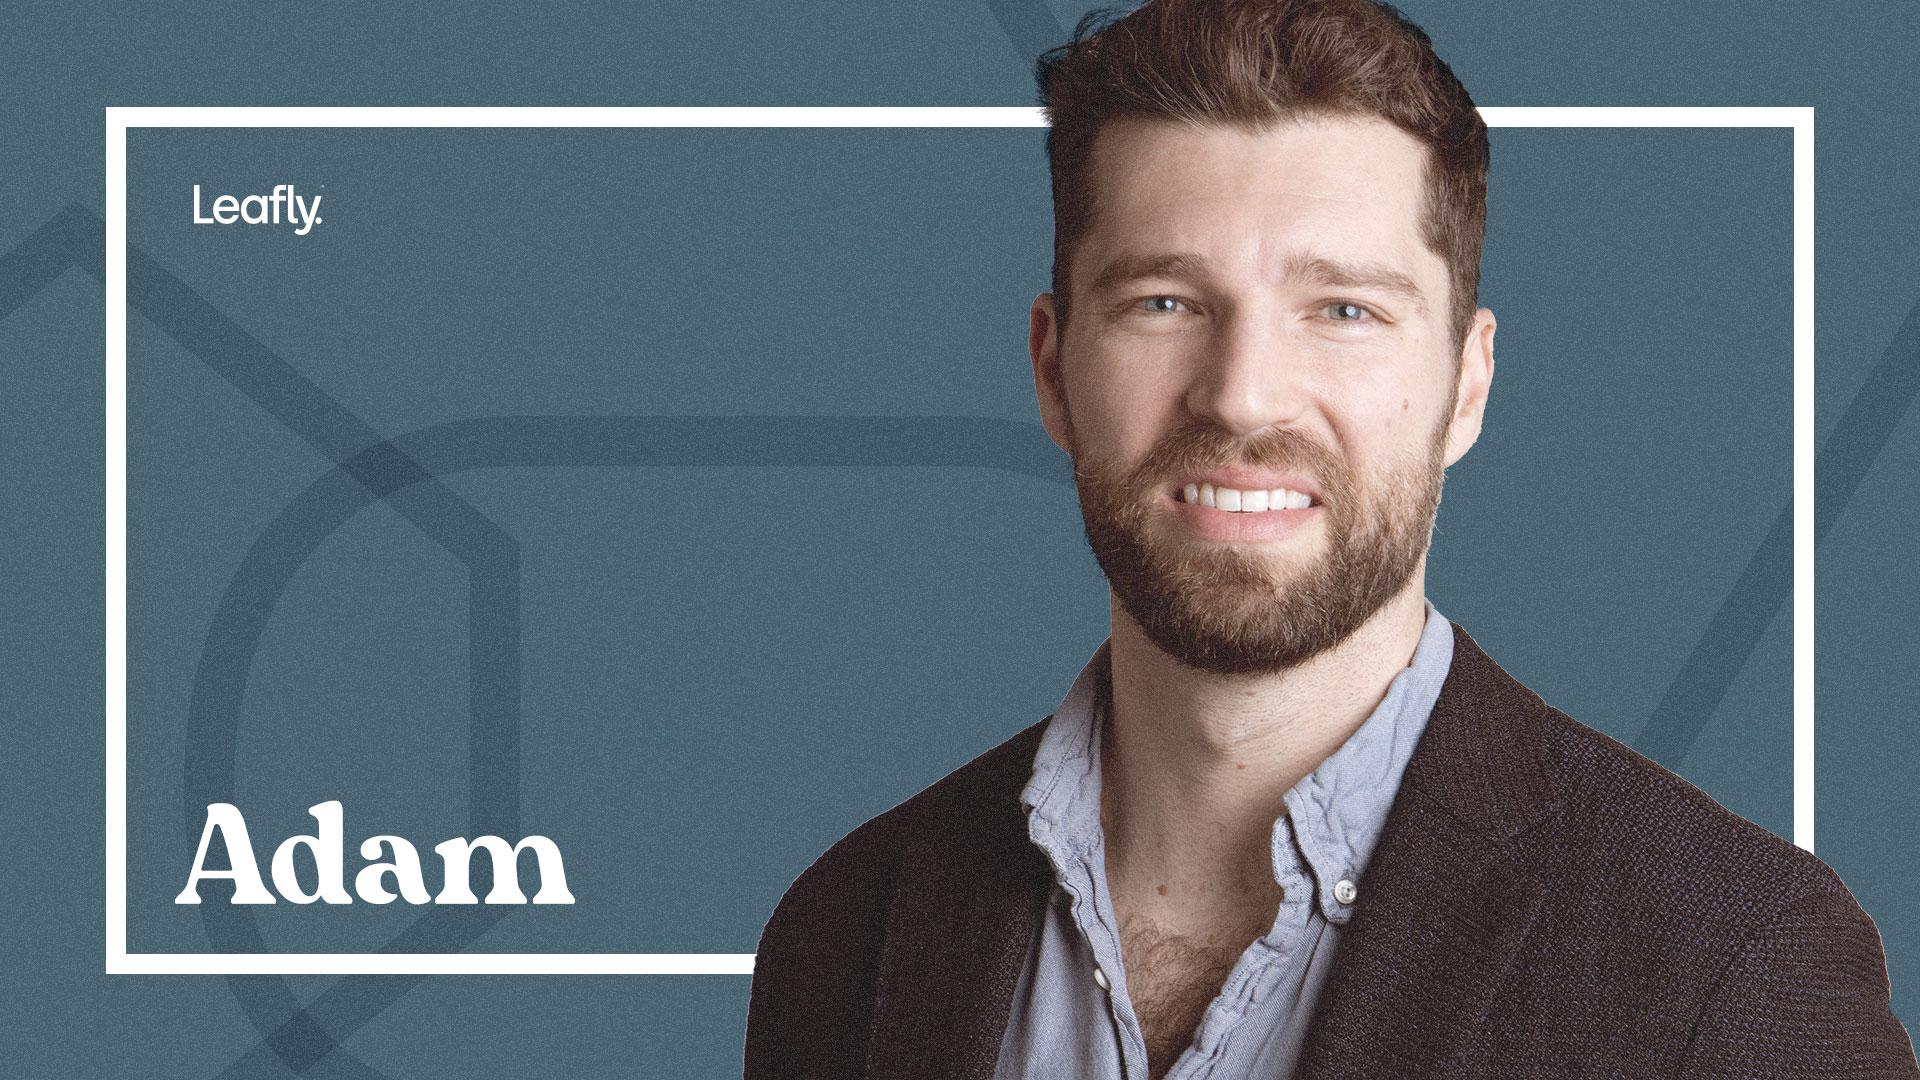 Adam-hero.jpg